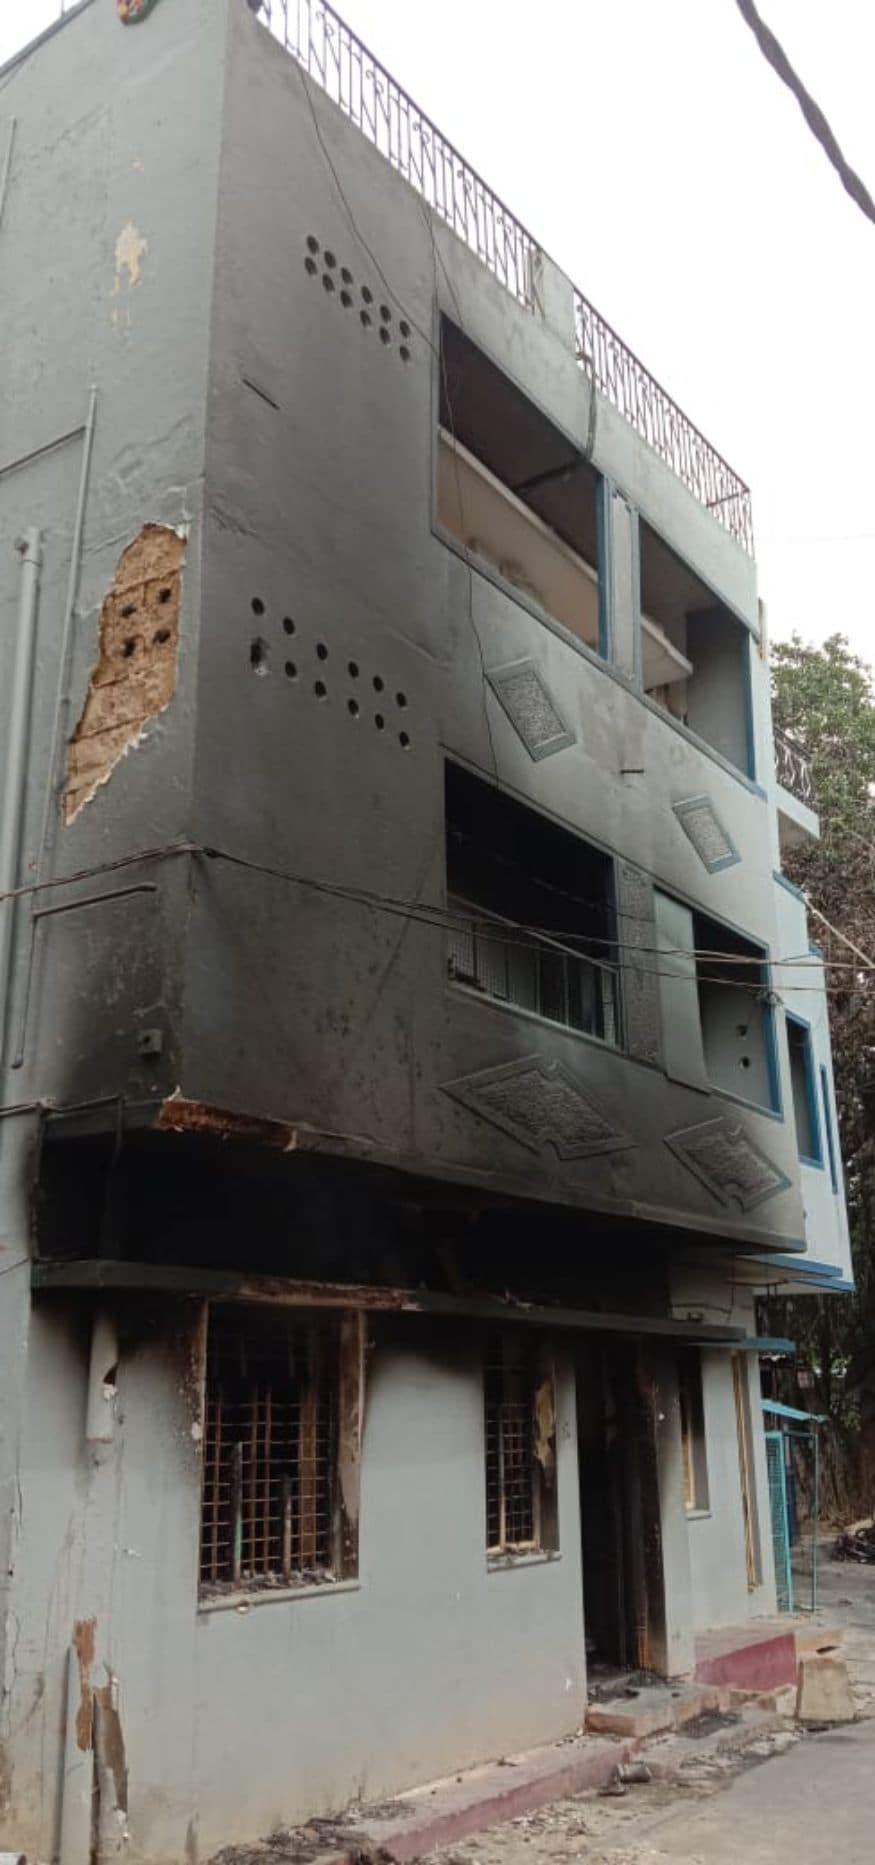 അക്രമാസക്തരായ ജനം തകർത്ത കെട്ടിടം (Image: Sudhakar/News18)